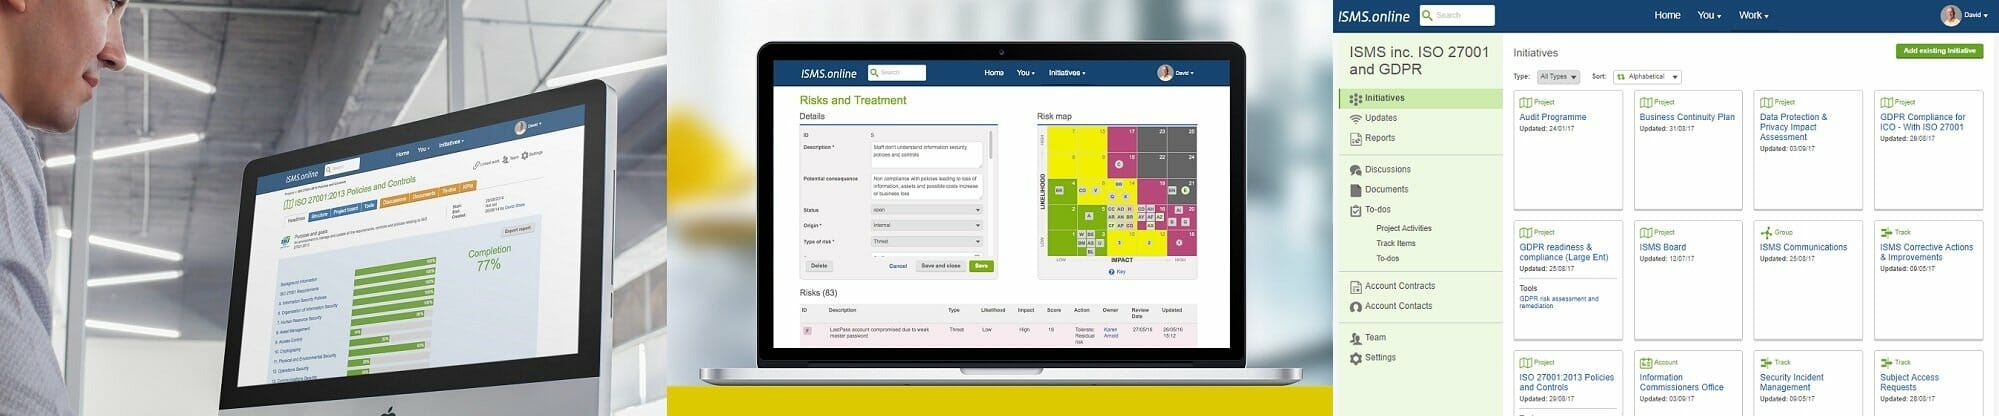 information security risk management tool in isms online platform